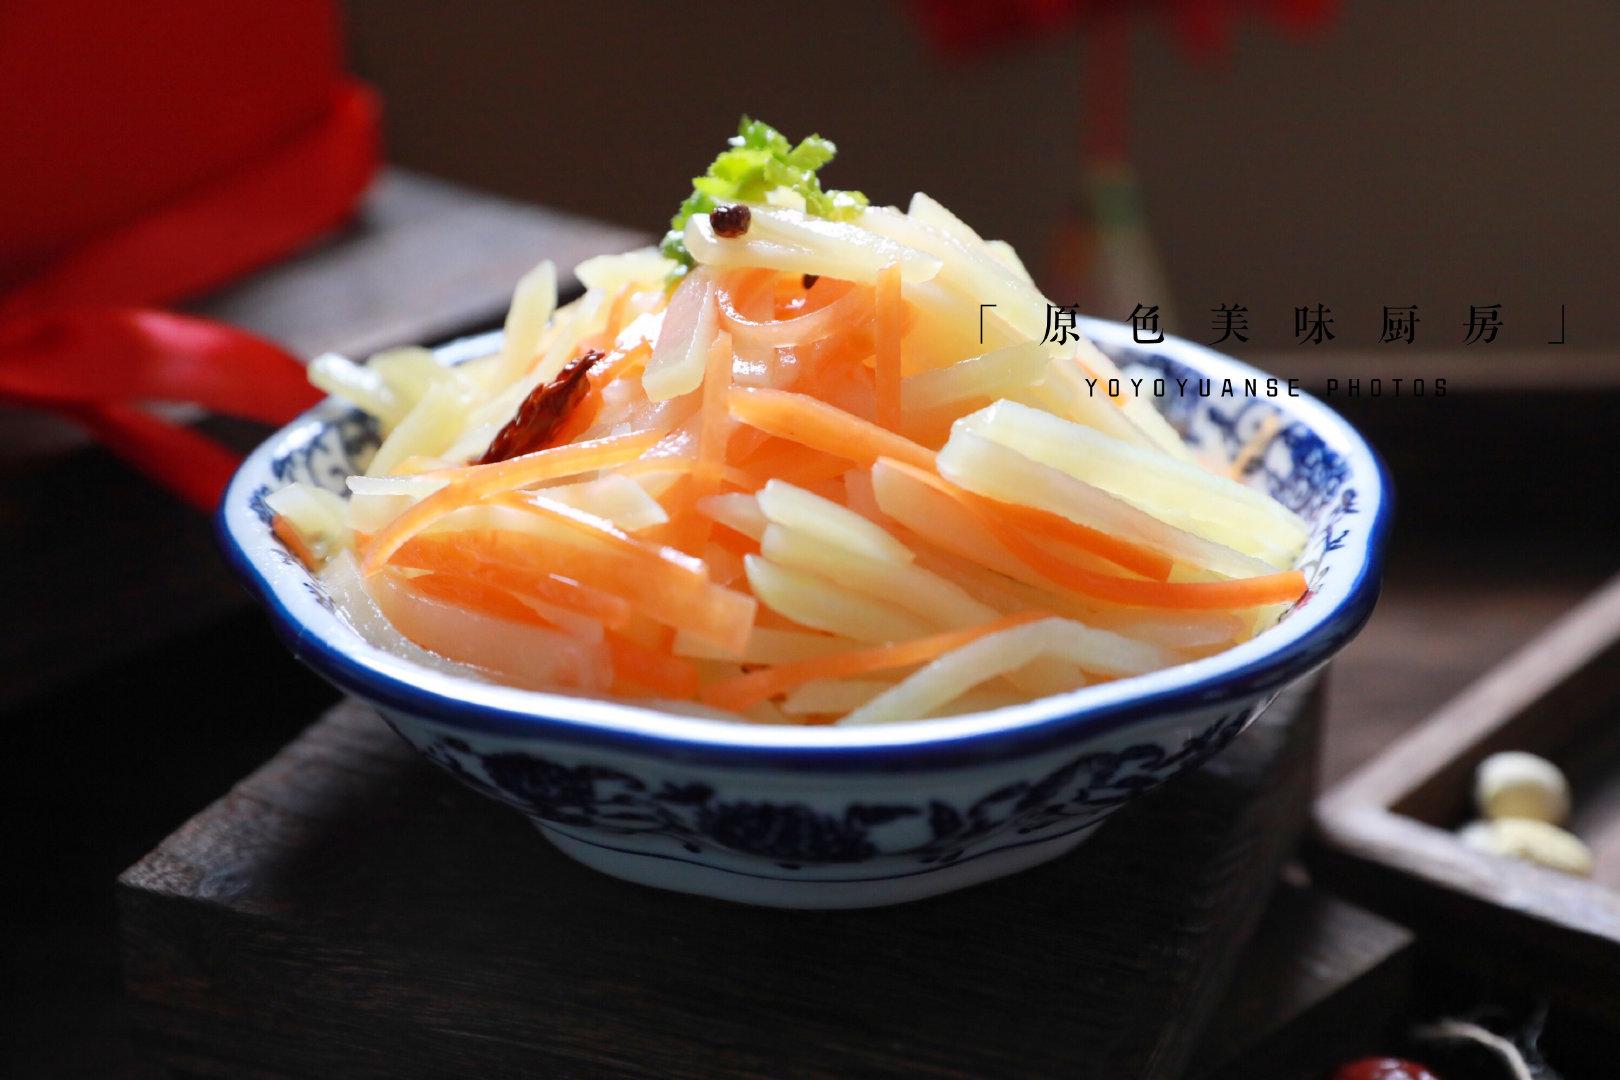 这道菜清清爽爽,简单小菜也不失美味,常吃通便排毒